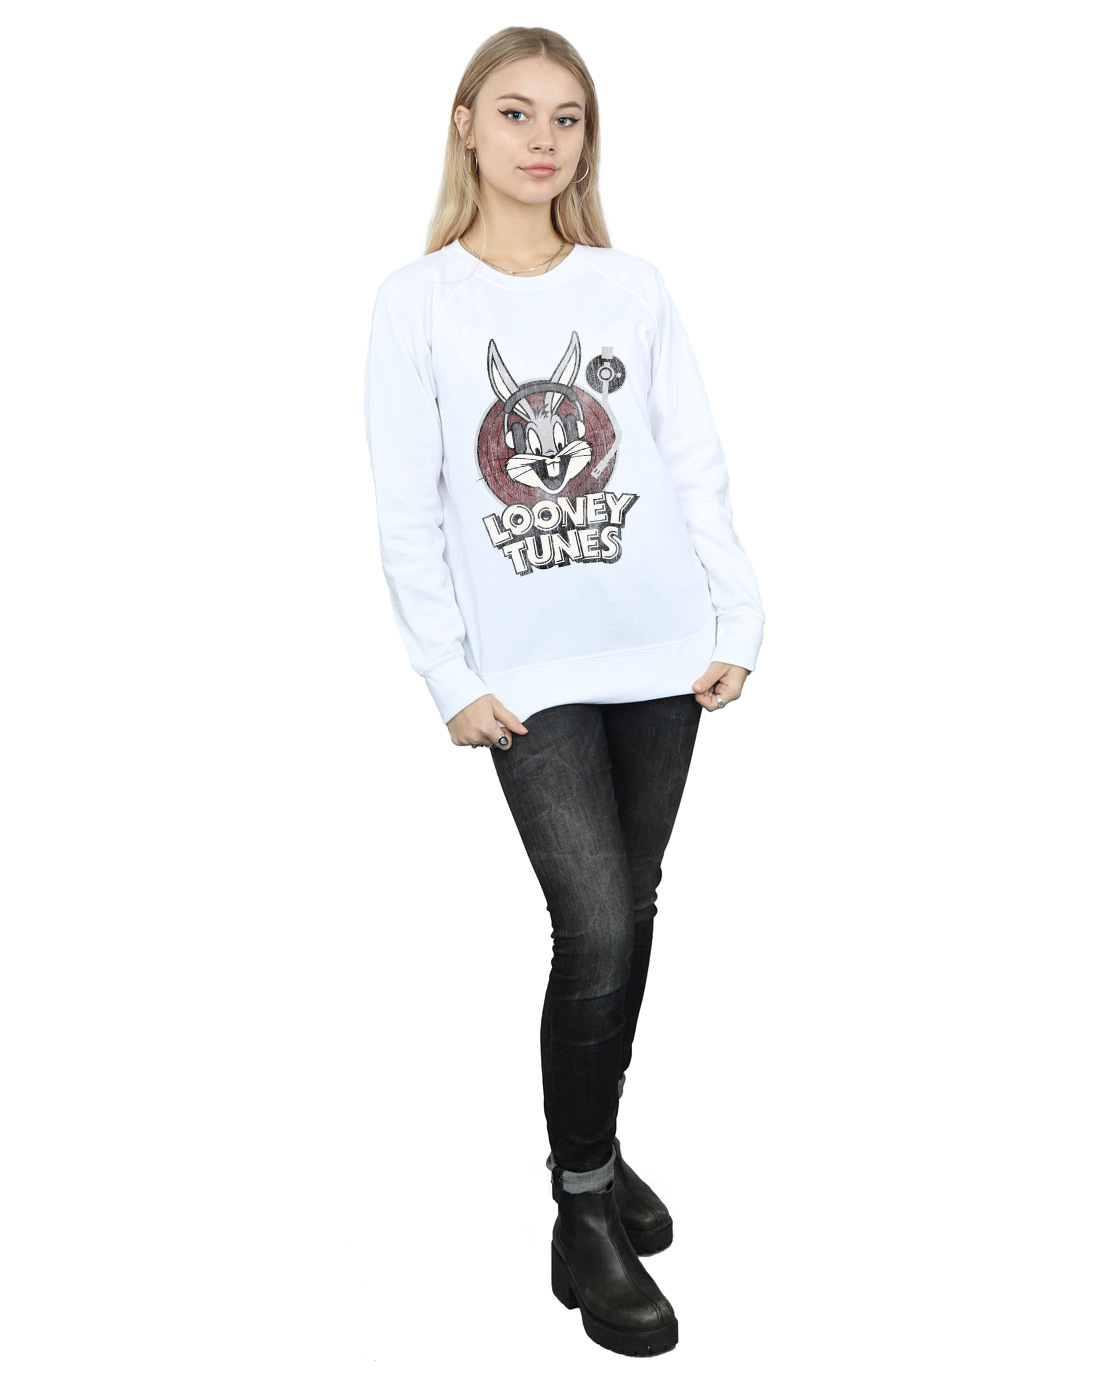 Looney Tunes Tunes Tunes Damen Bugs Bunny Circle Logo Sweatshirt | Garantiere Qualität und Quantität  | Nicht so teuer  | Angenehmes Aussehen  | Louis, ausführlich  | Kostengünstiger  3d30ab